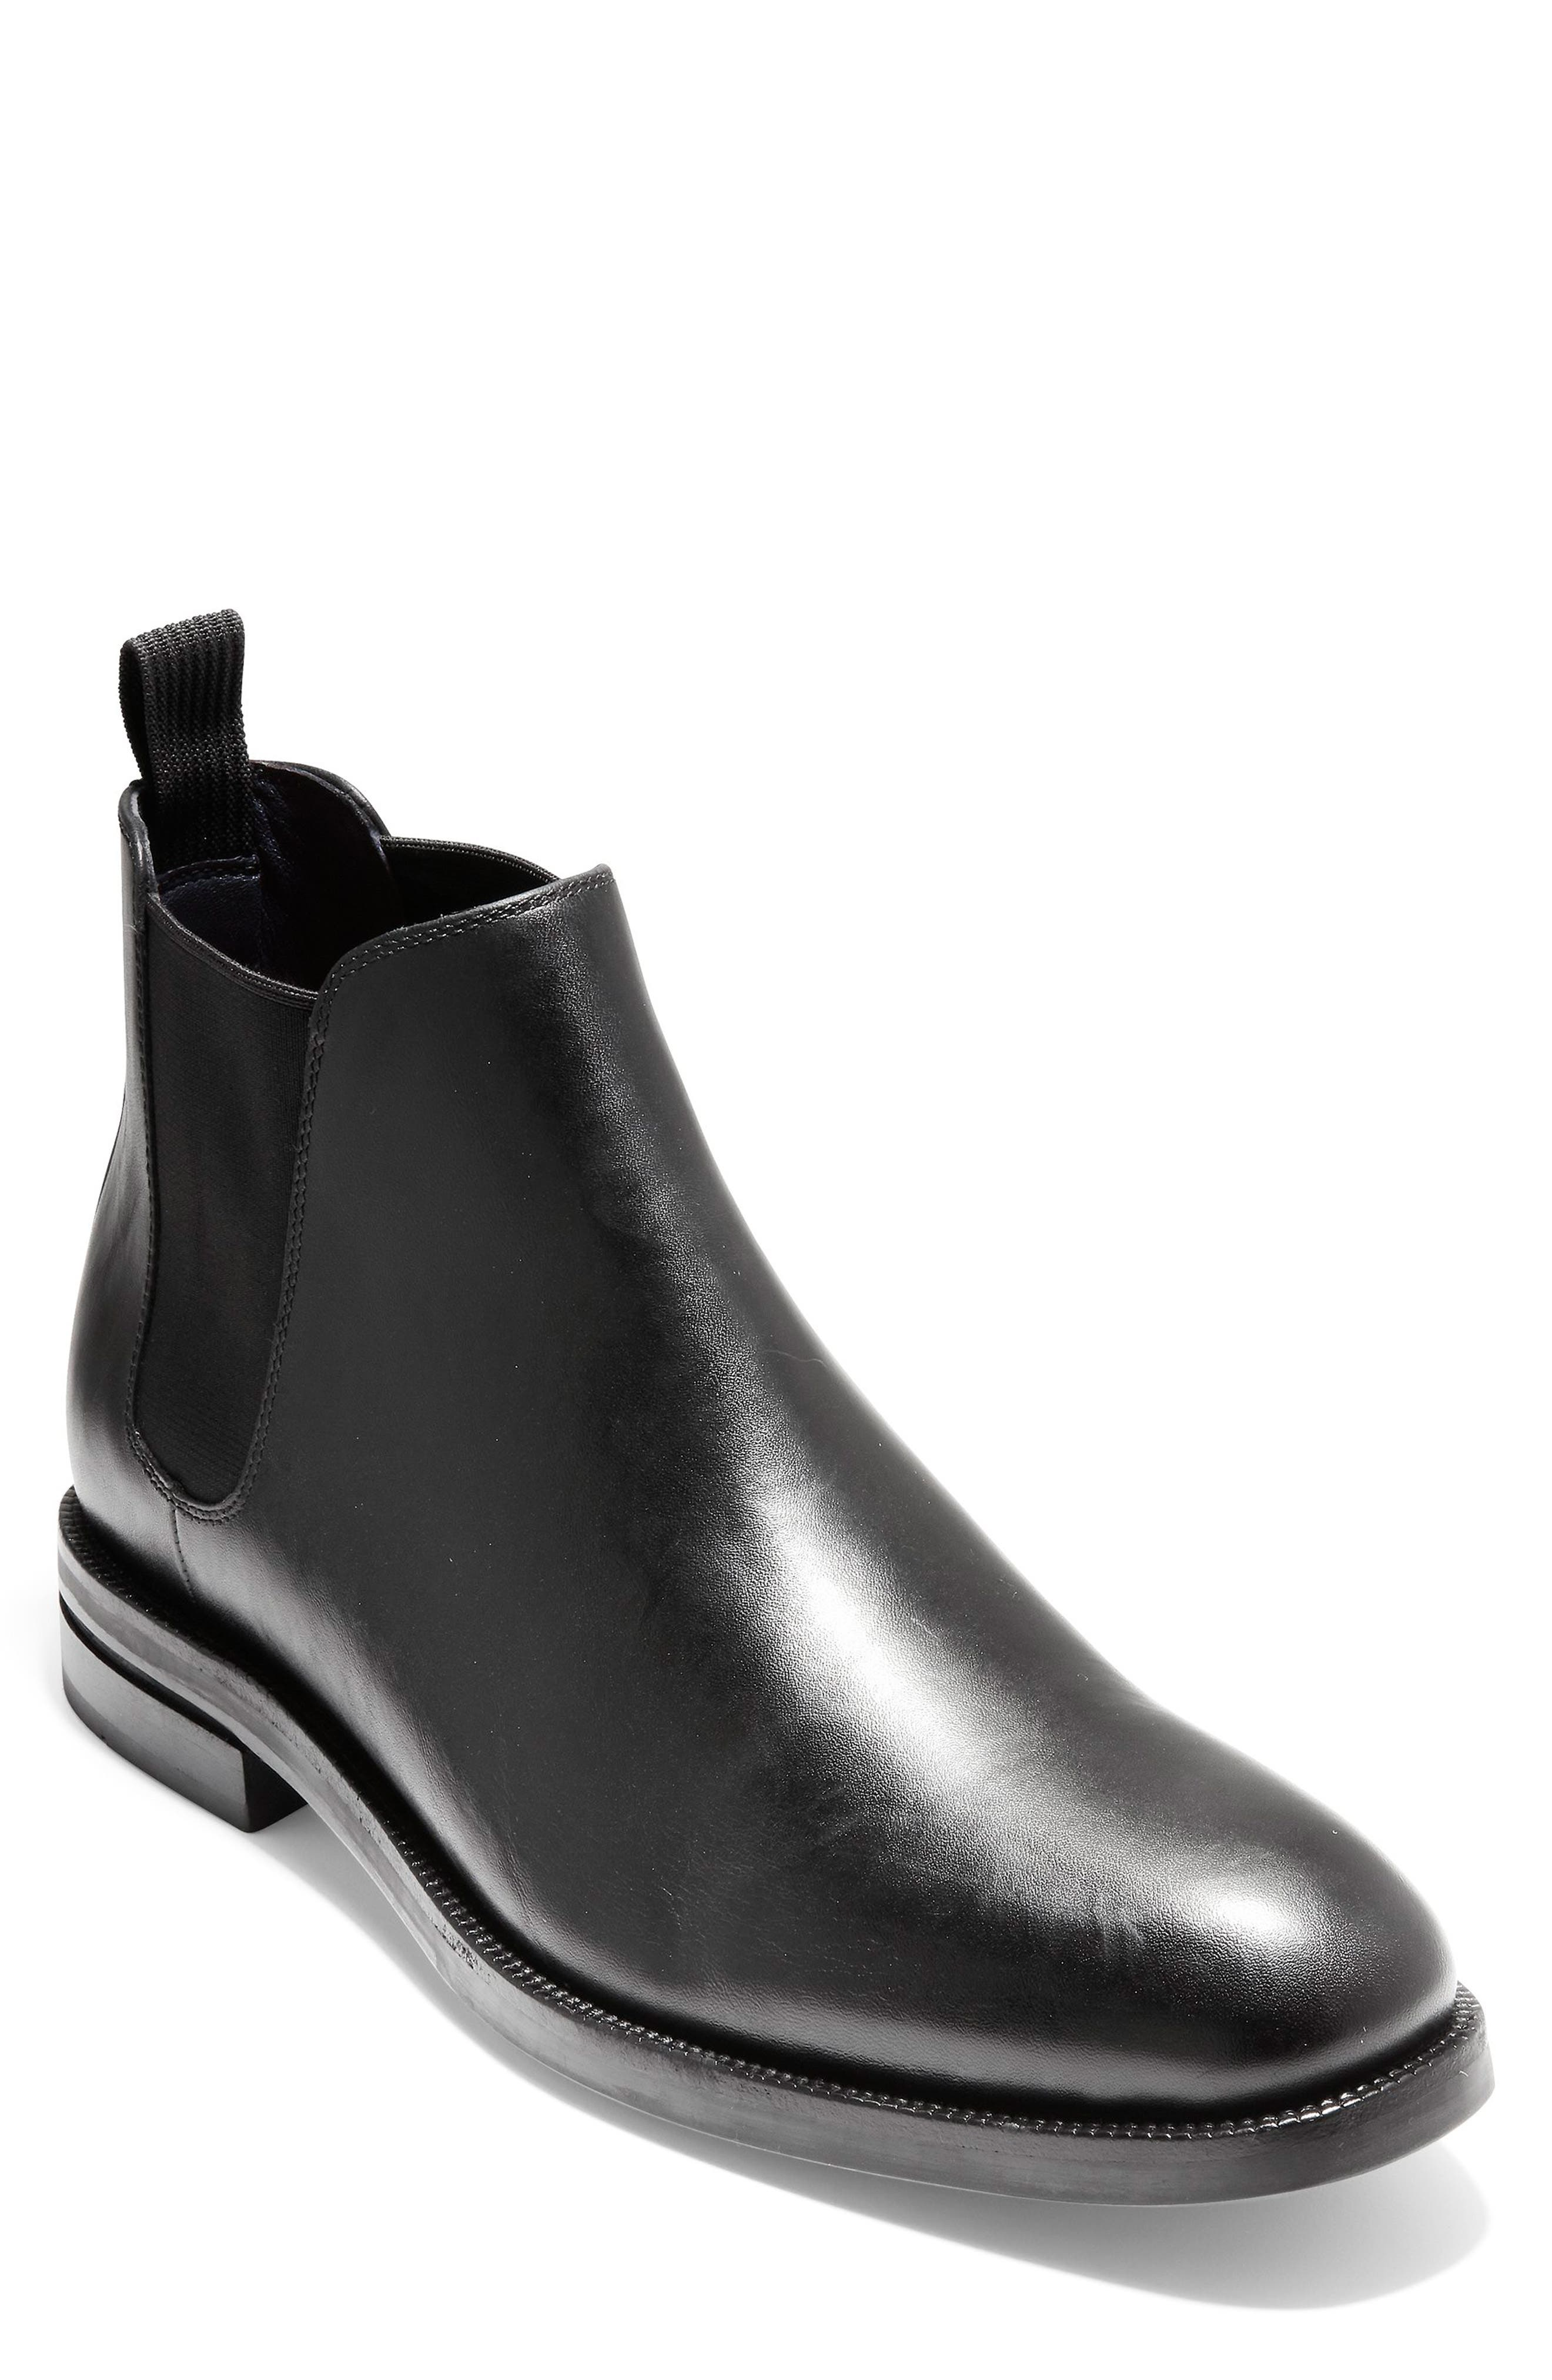 Men's Black Comfort Dress Shoes   Nordstrom